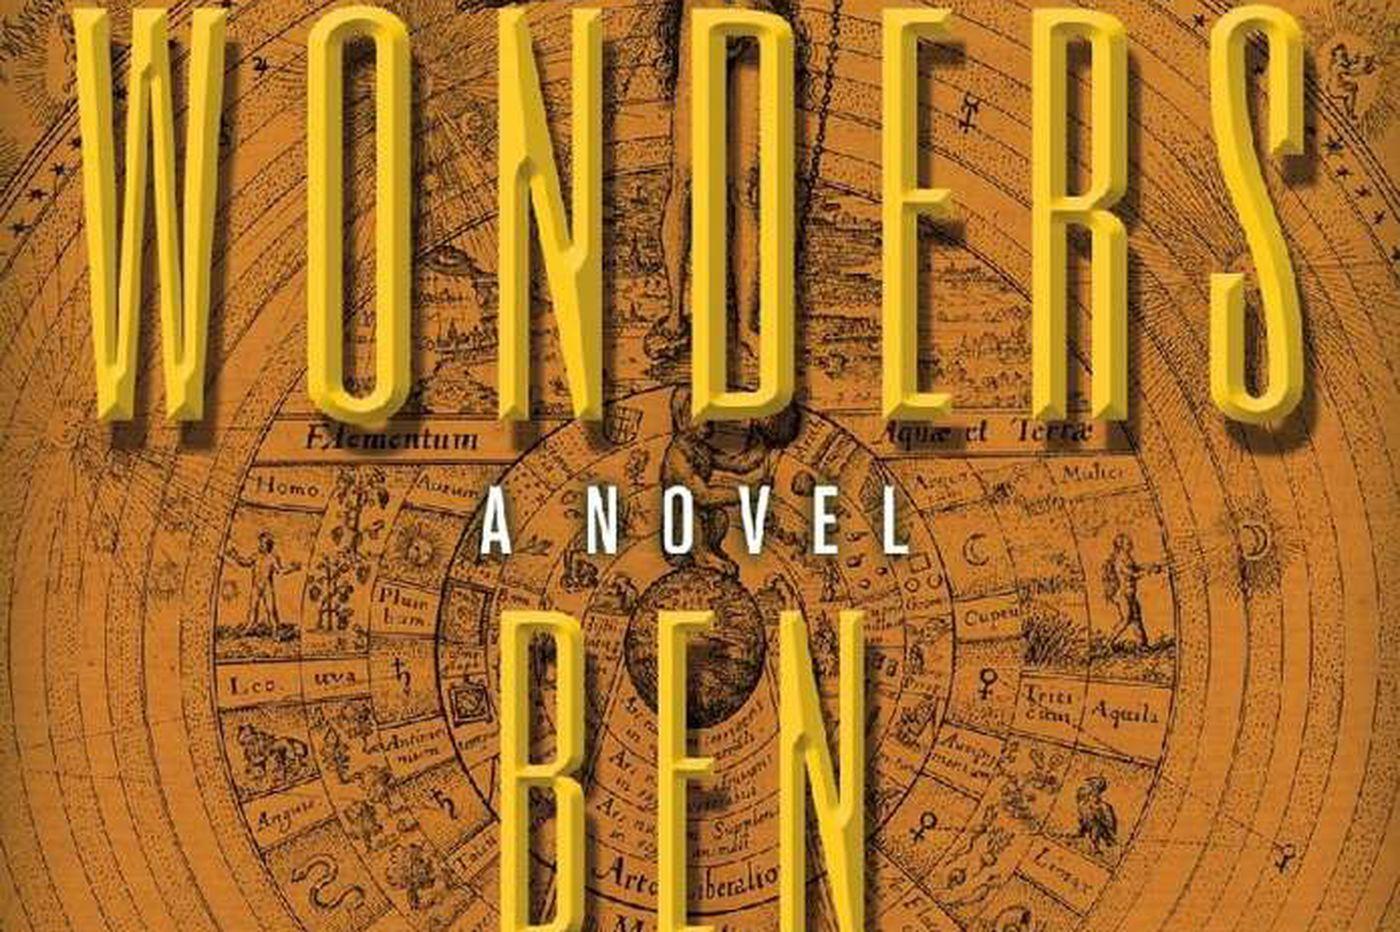 Mezrich returns to fiction for 'Seven Wonders'